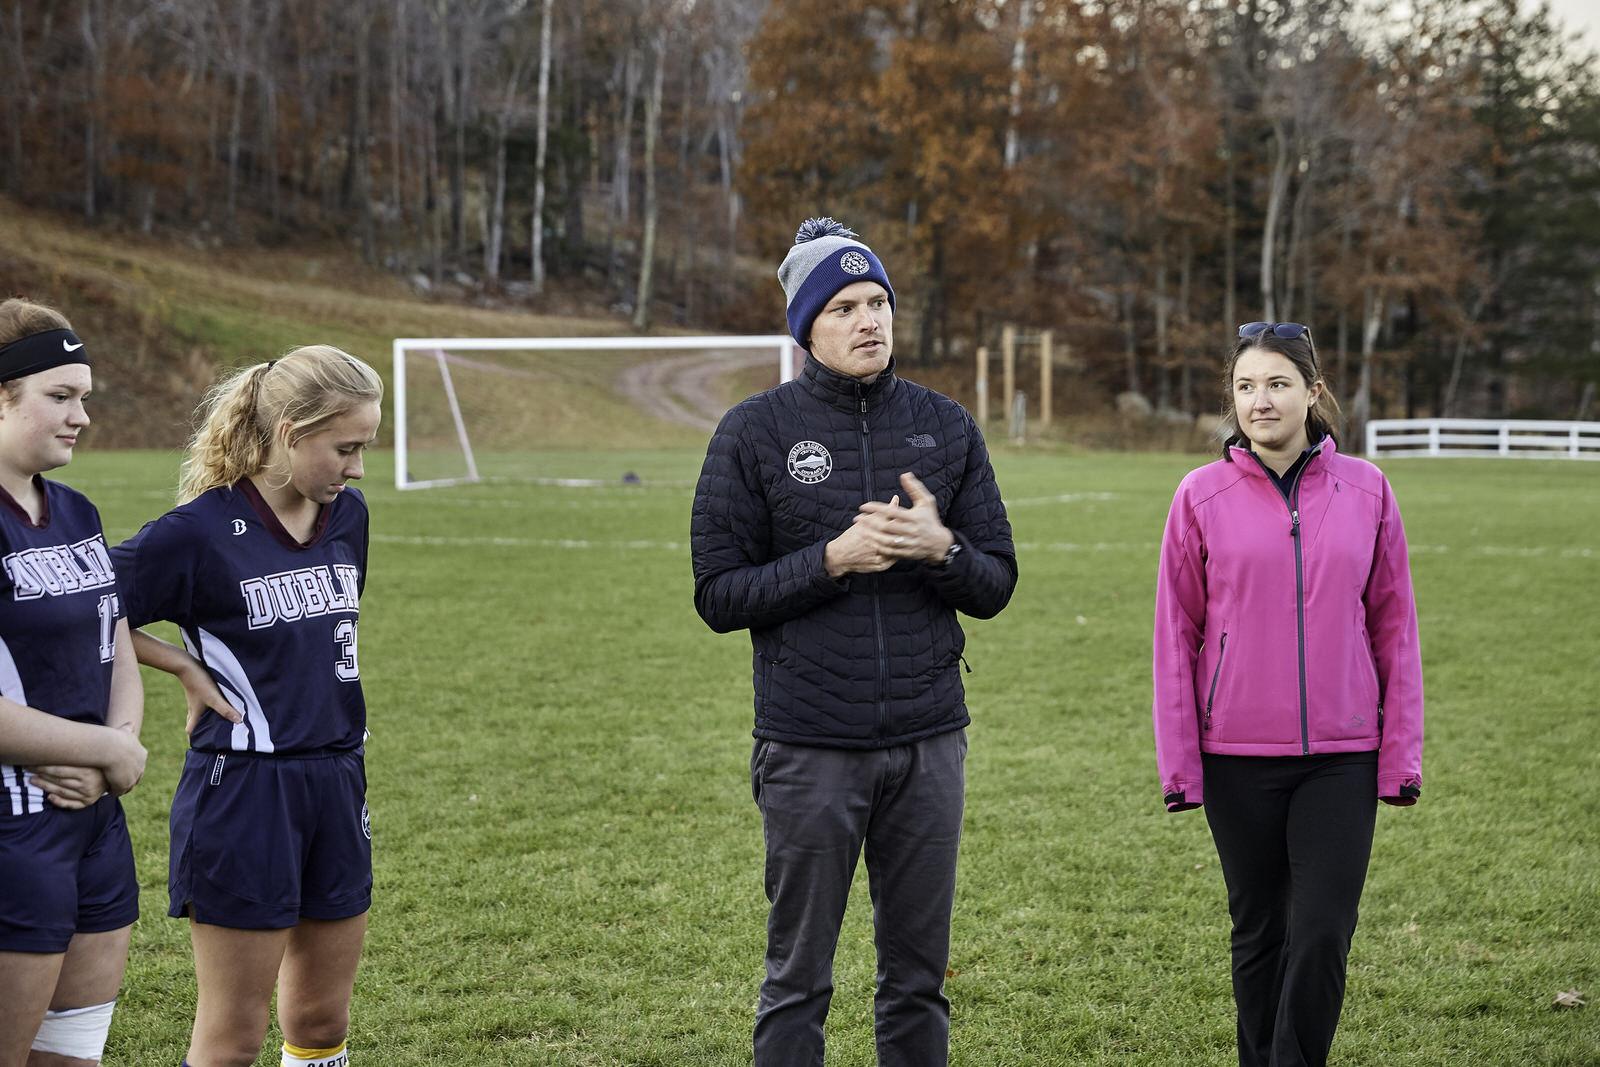 Girls Varsity Soccer vs. White Mountain School - November 7, 2018 - Nov 07 2018 - 0051.jpg